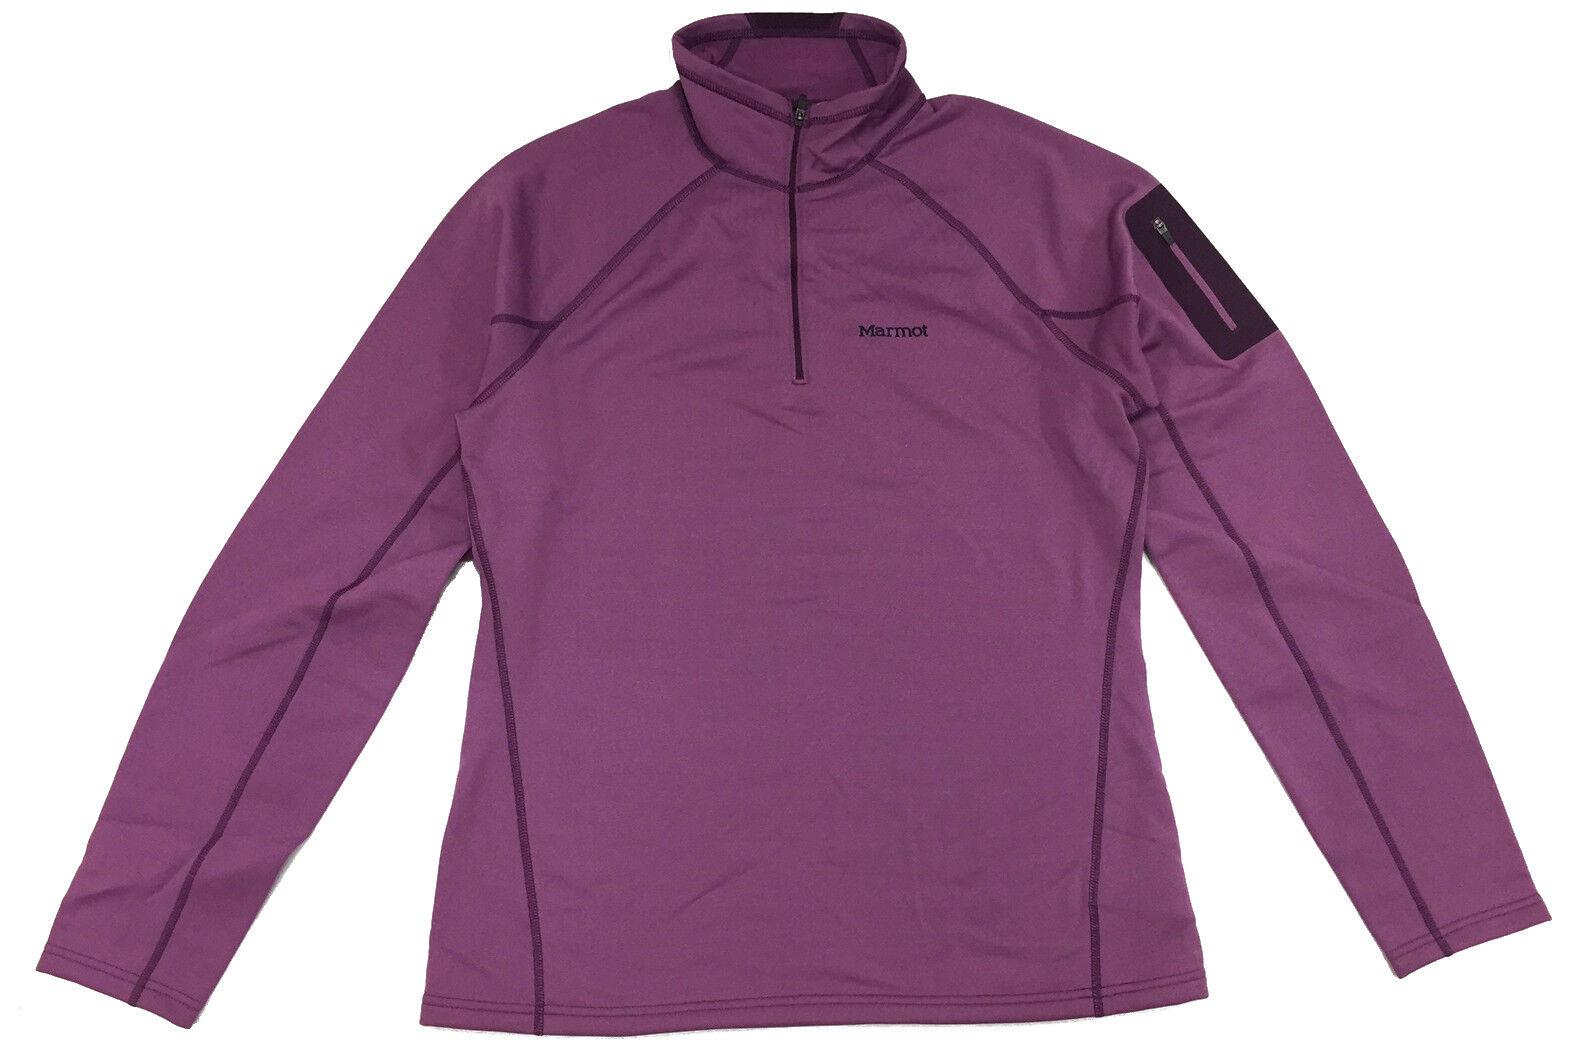 Marmot Women's Stretch Fleece 1 2 zip - Size L - Amethyst 89680